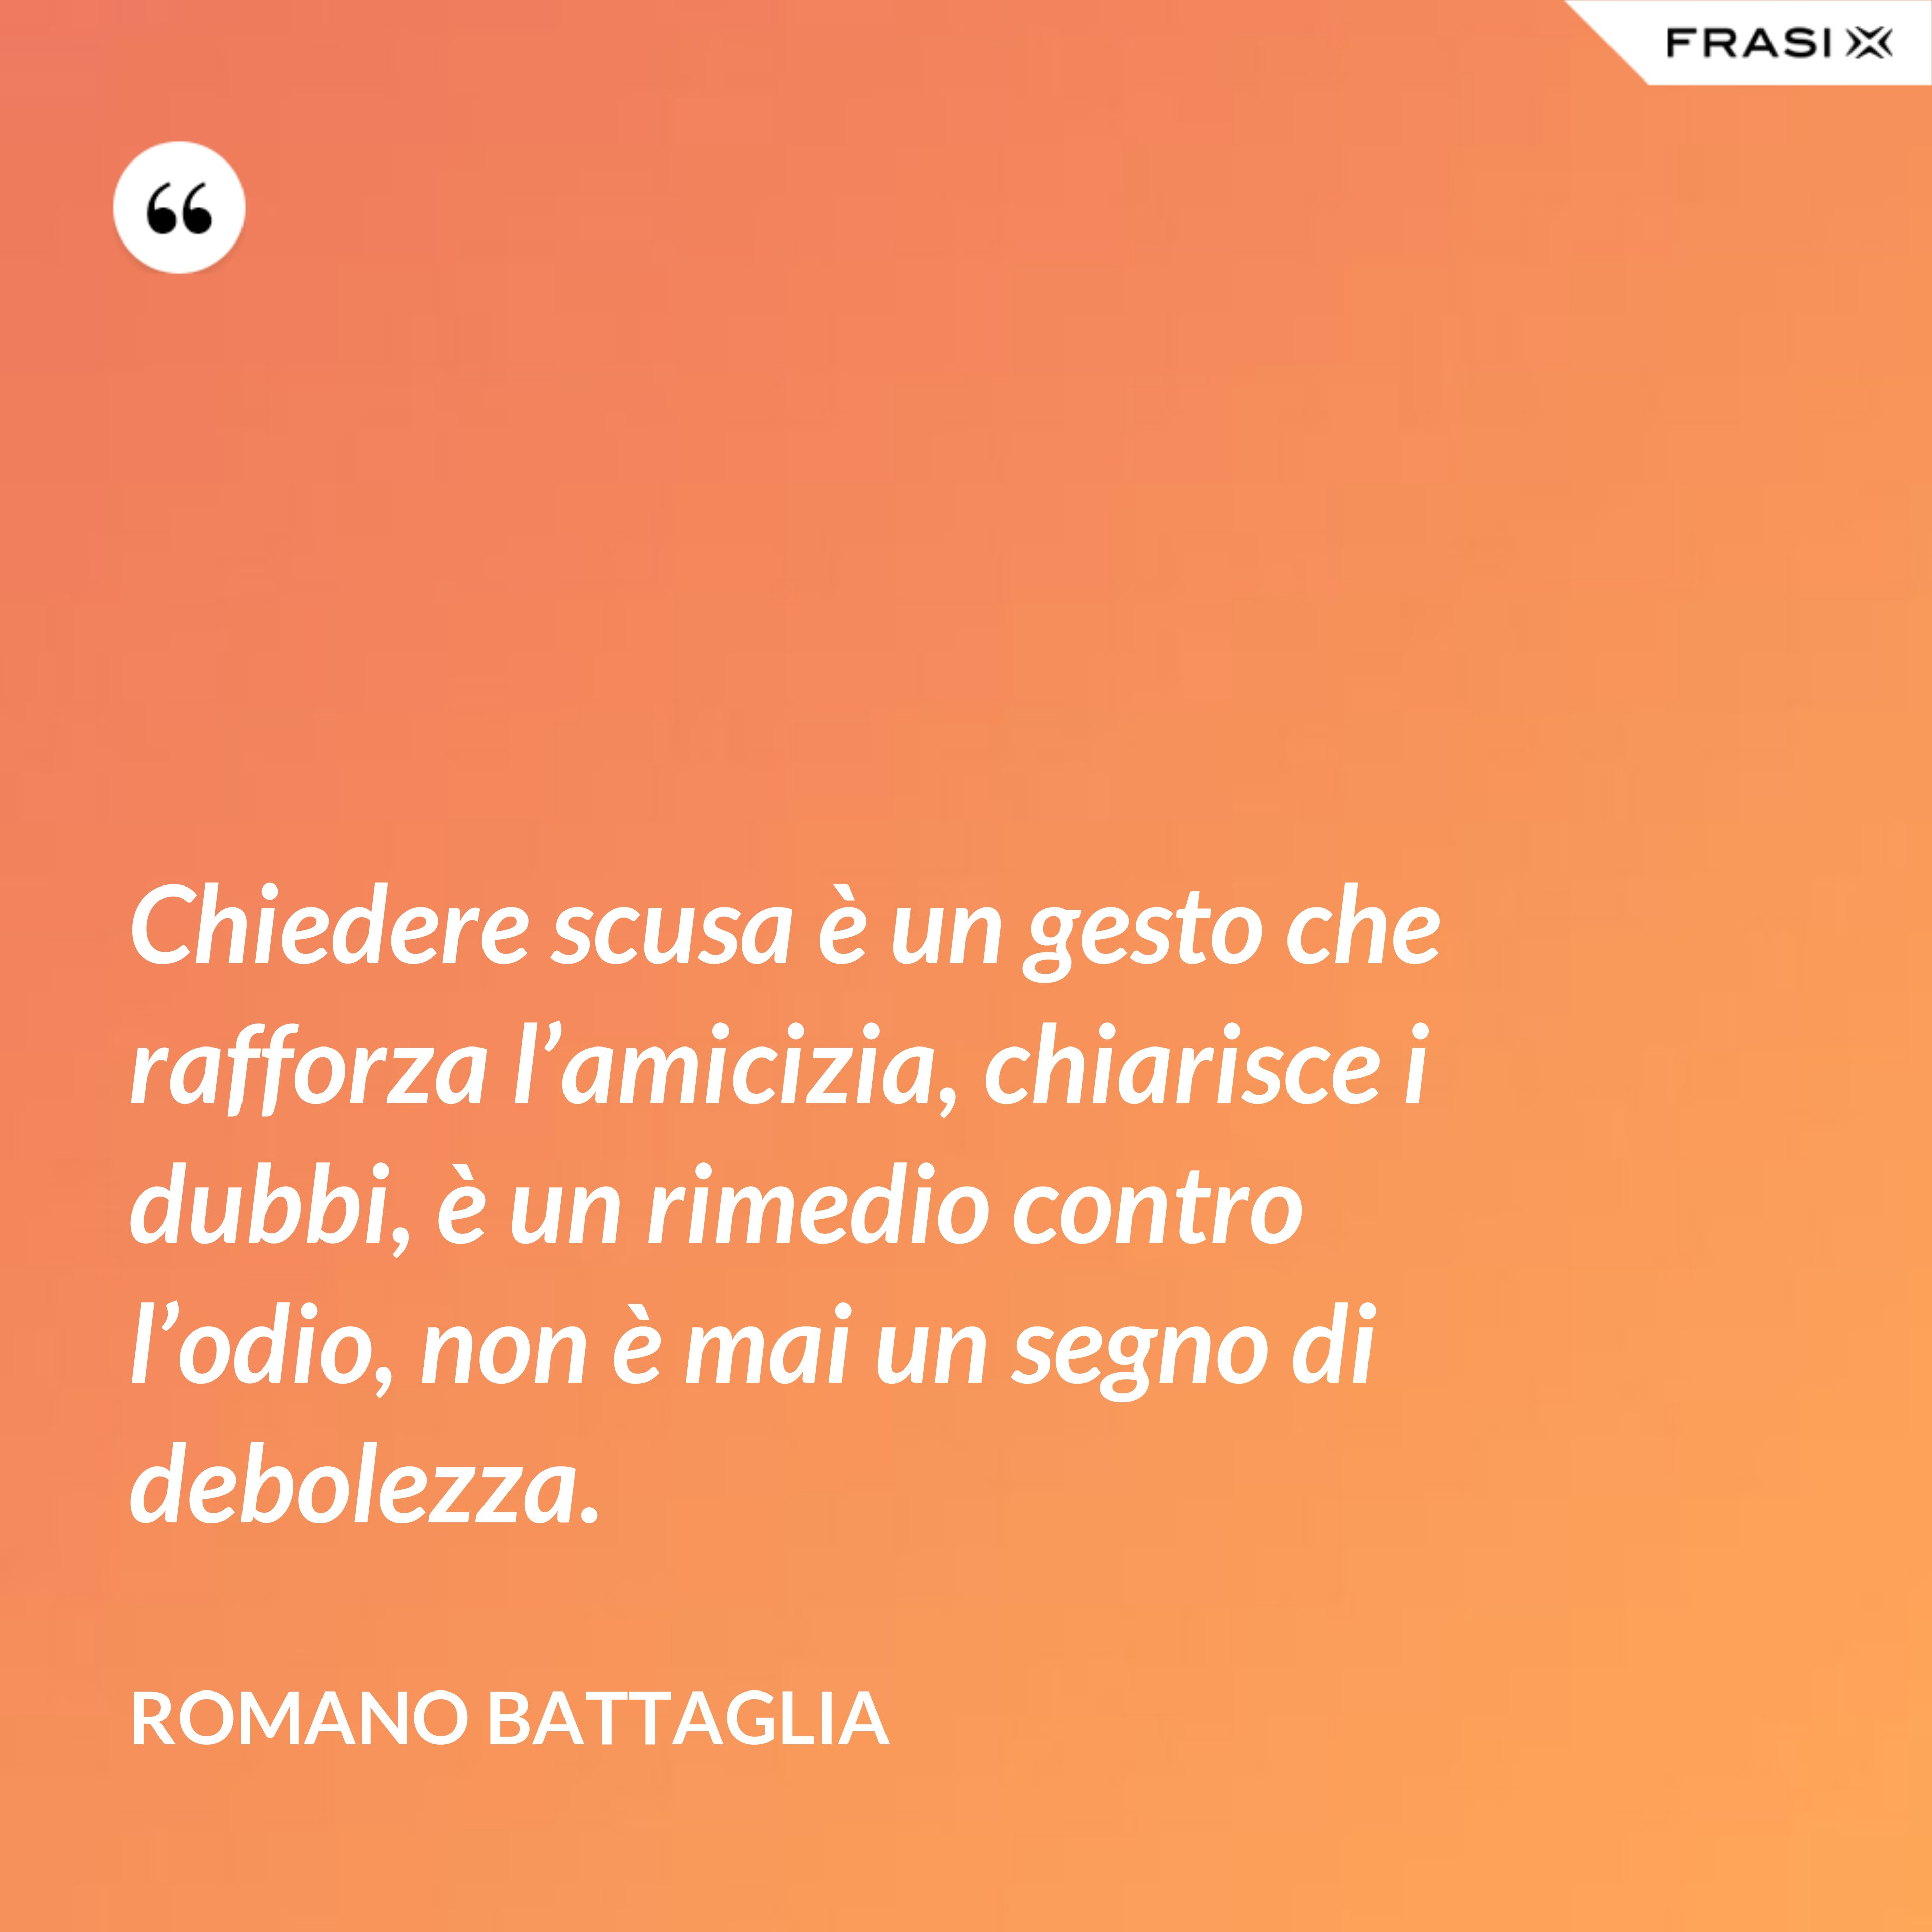 Chiedere scusa è un gesto che rafforza l'amicizia, chiarisce i dubbi, è un rimedio contro l'odio, non è mai un segno di debolezza. - Romano Battaglia